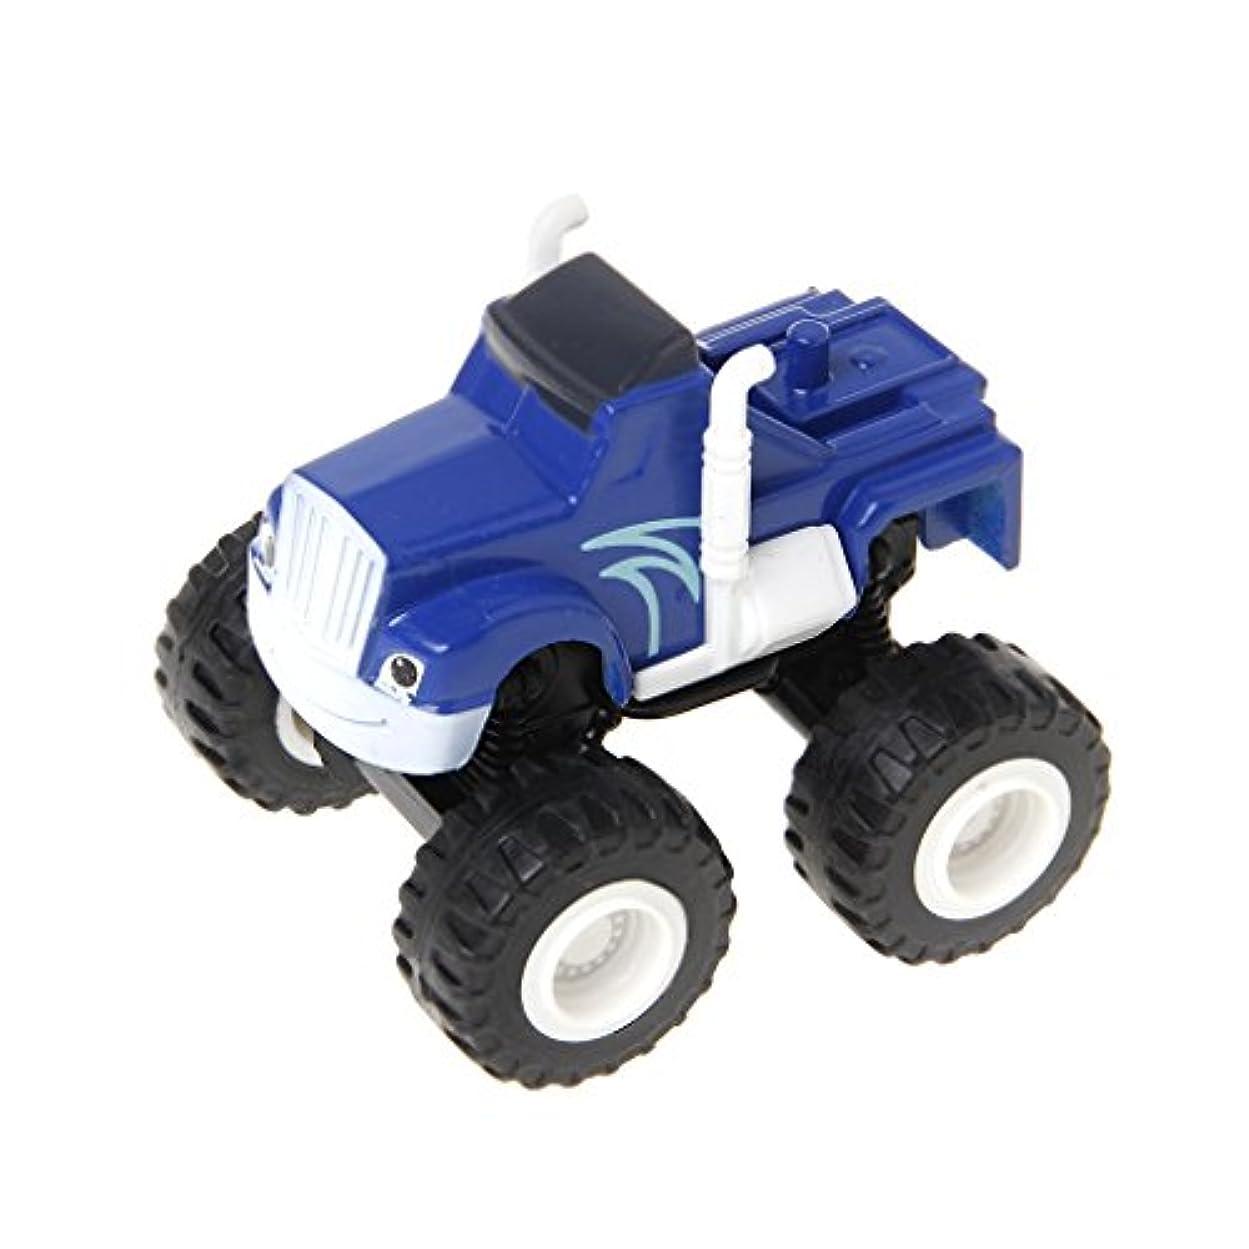 報いるファセット立派なDabixx 車のおもちゃ, 燃え尽きるマシン車のおもちゃのレーサー車トラックのトランスフォーマーのおもちゃのギフト - 青